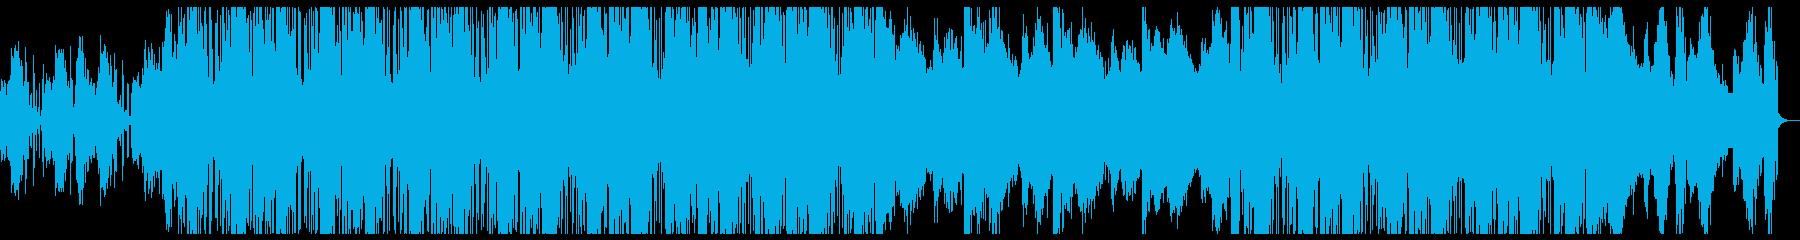 シンセがクールなチルポップトラック♪の再生済みの波形